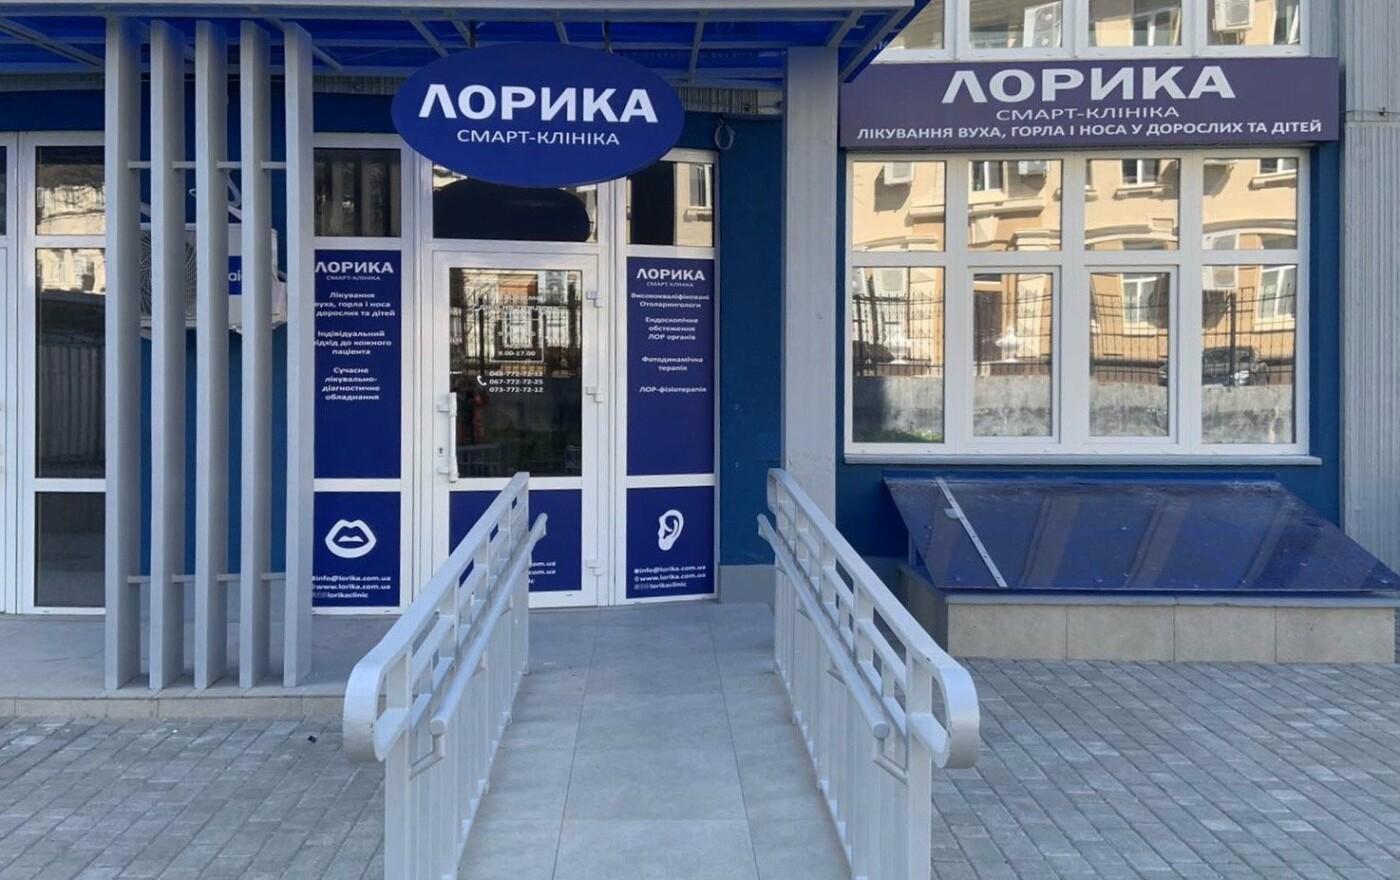 Частные медицинские центры Одессы, которые работают во время карантина, фото-46